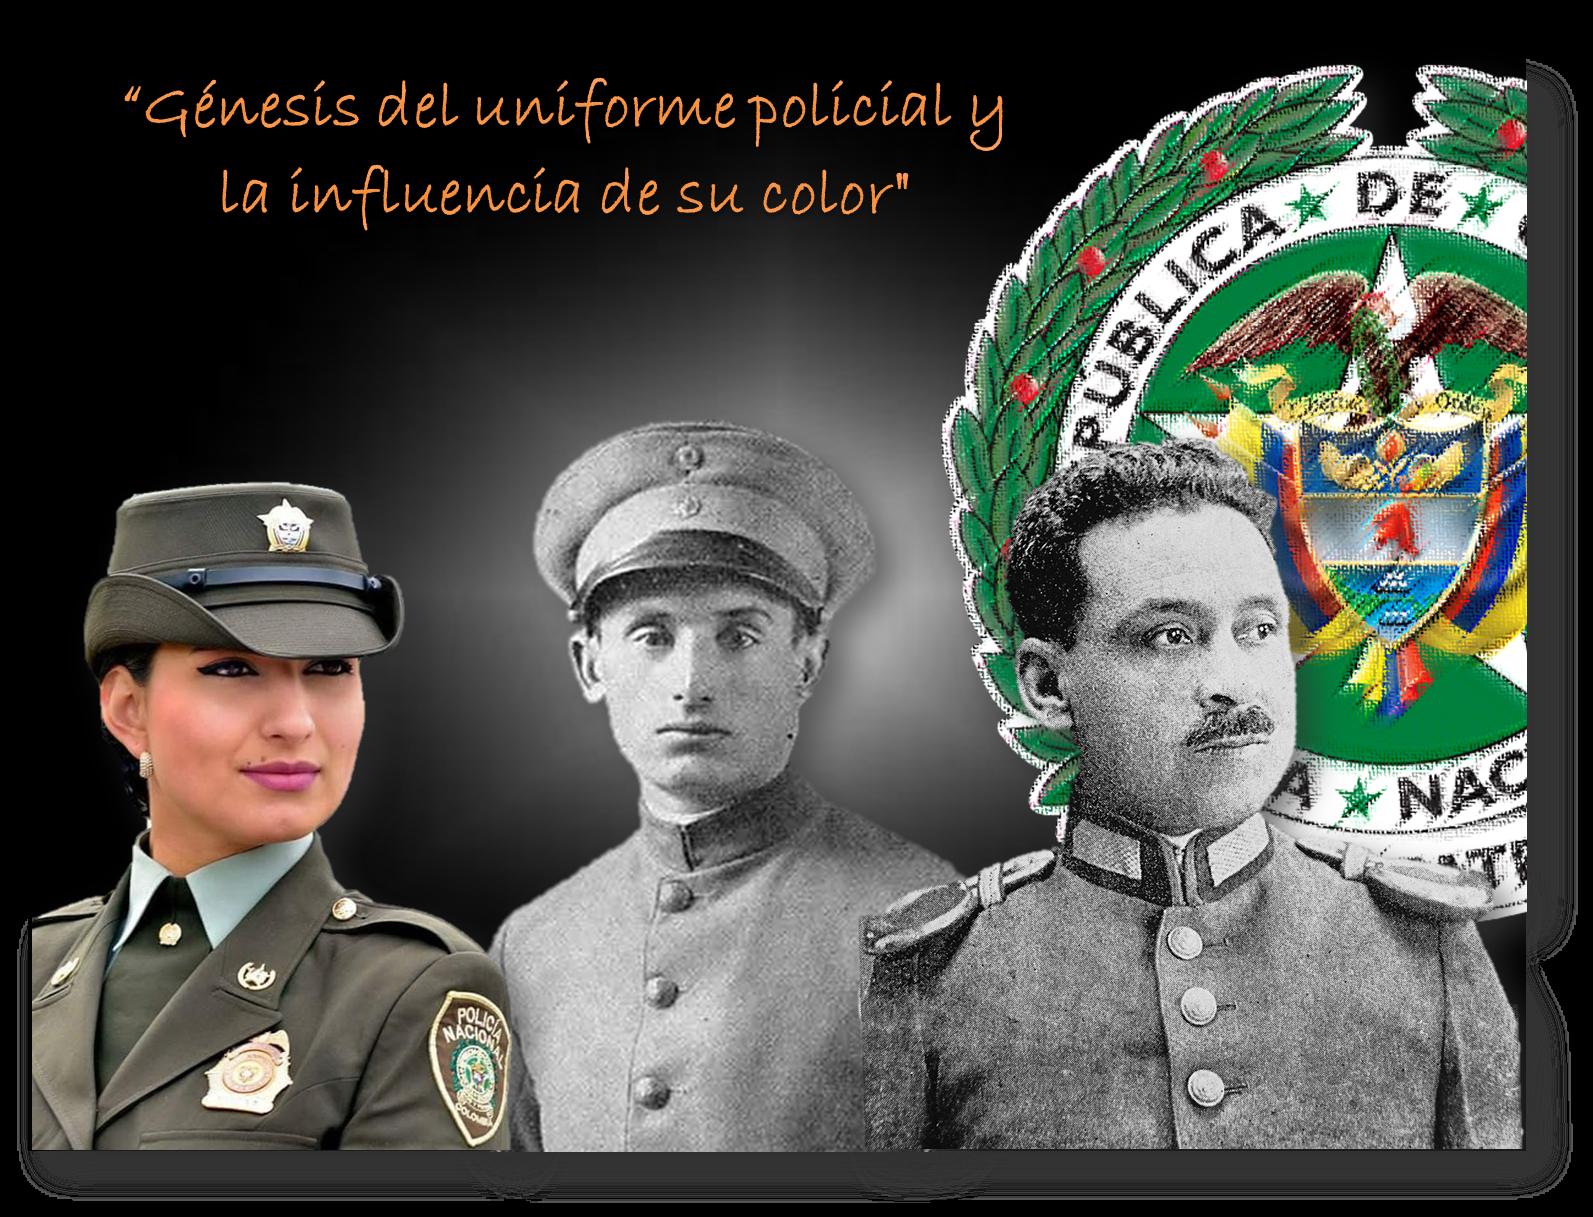 ce6627fa5 Momentos de historia de la Policía Nacional de Colombia   GÉNESIS ...